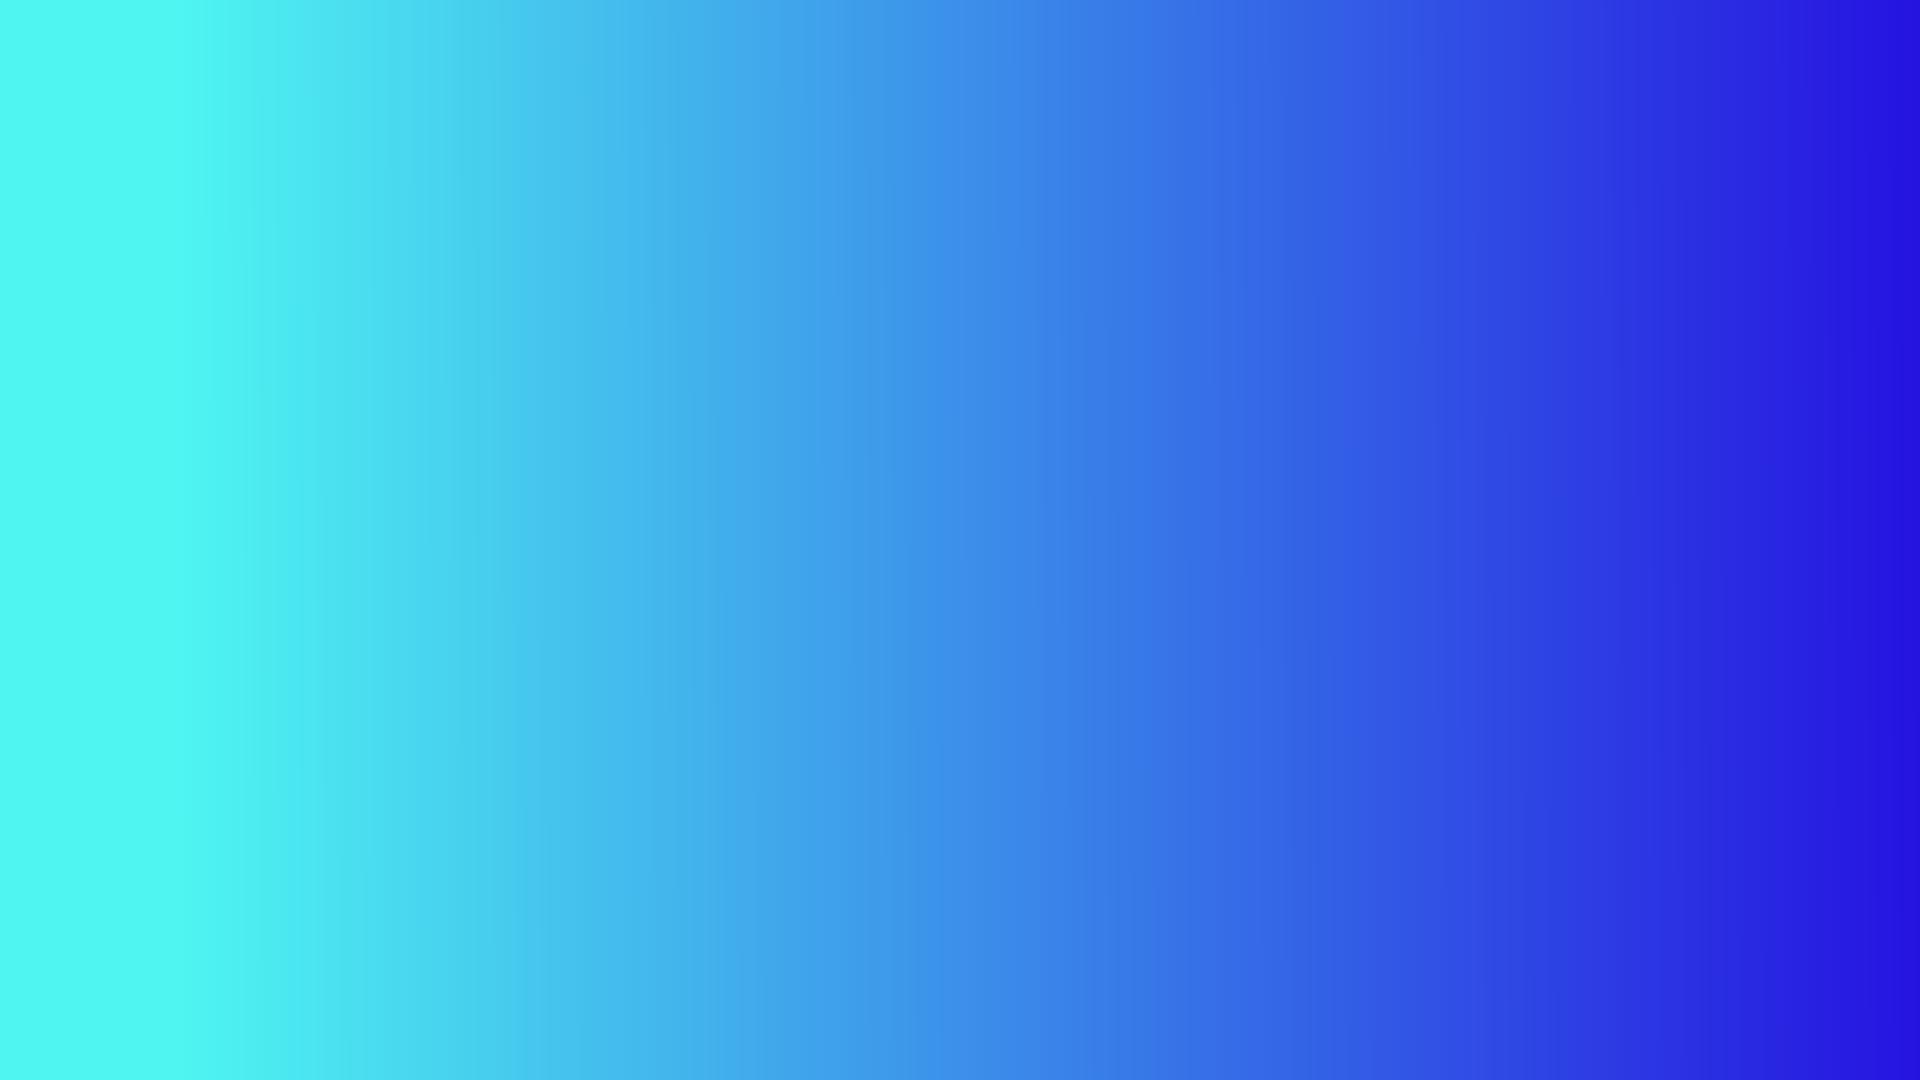 Lovable Blue Gradient